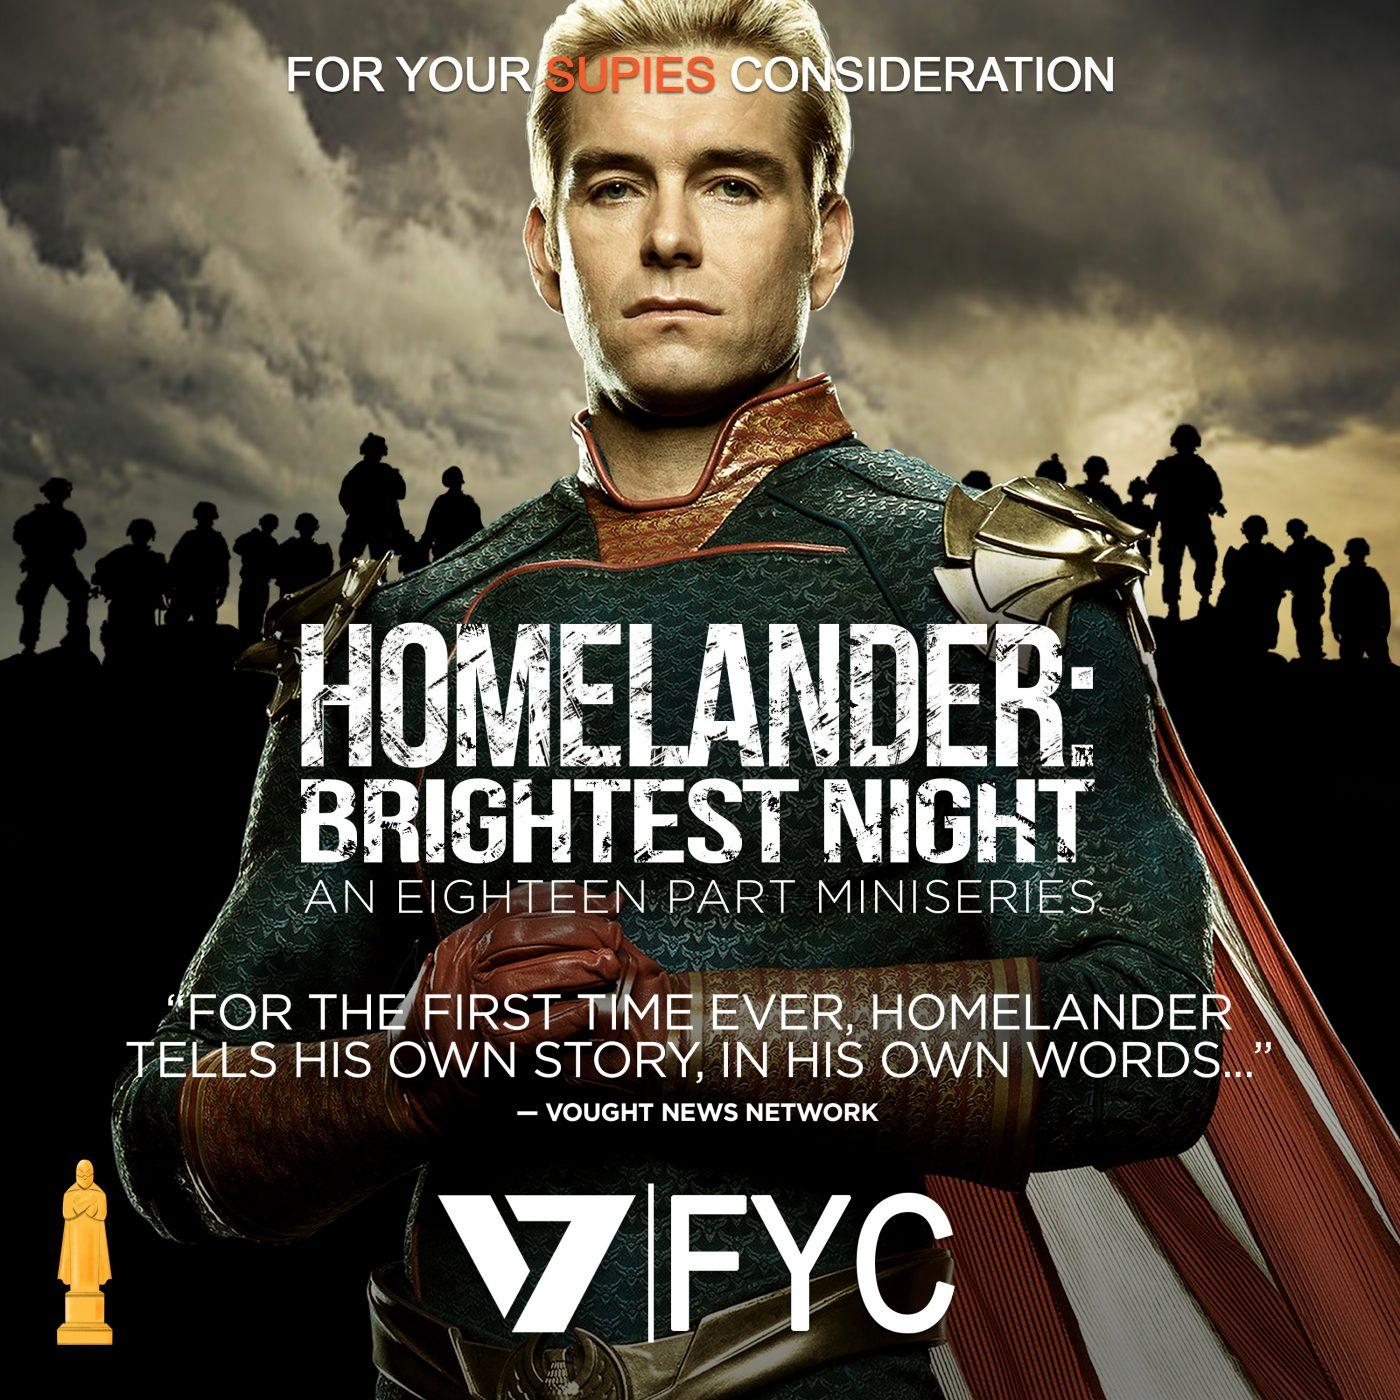 homelander brightest star